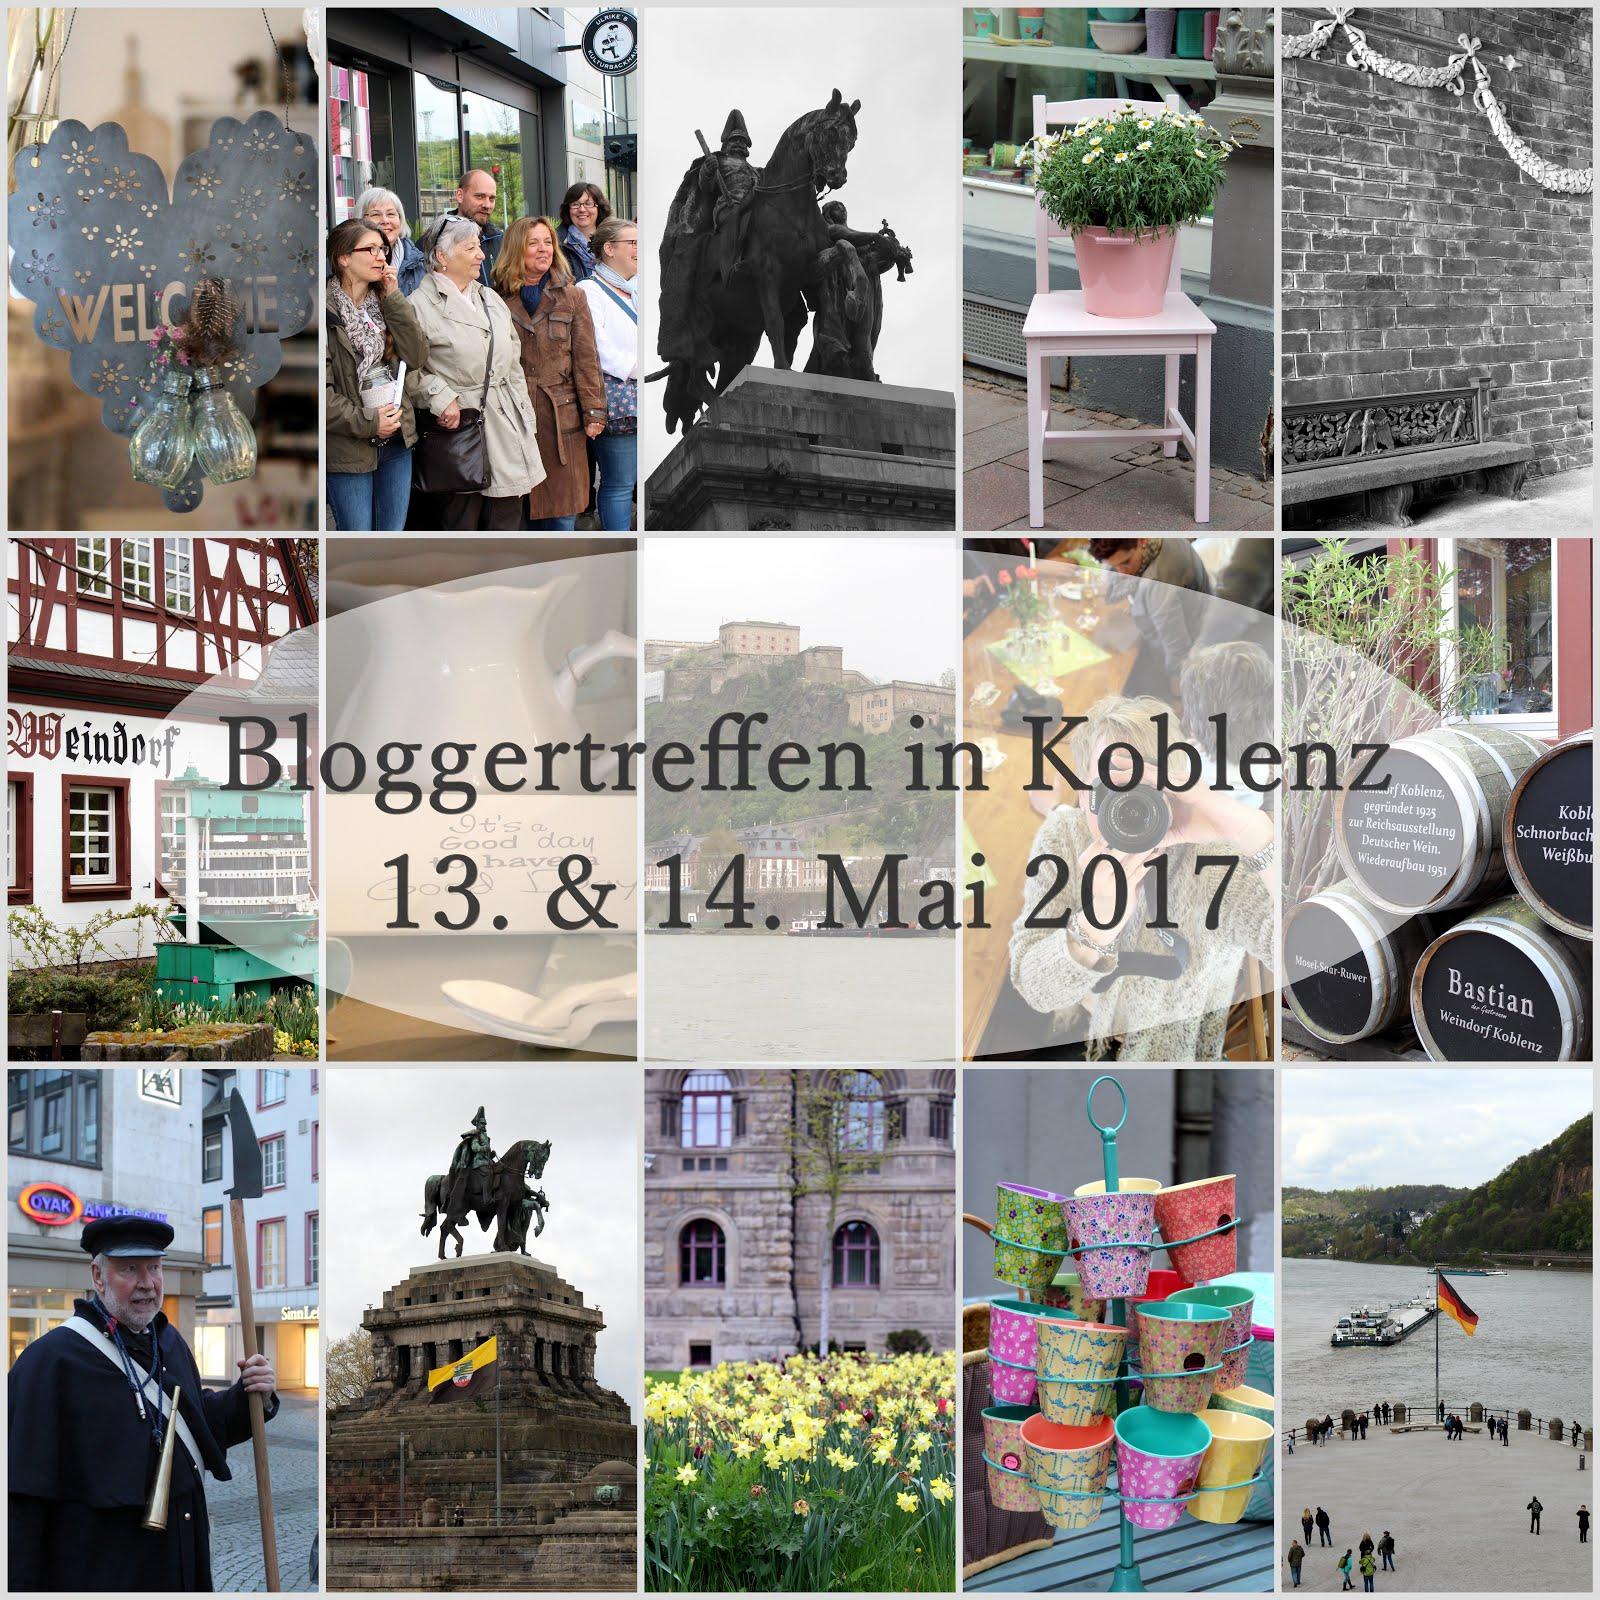 Bloggertreffen in Koblenz